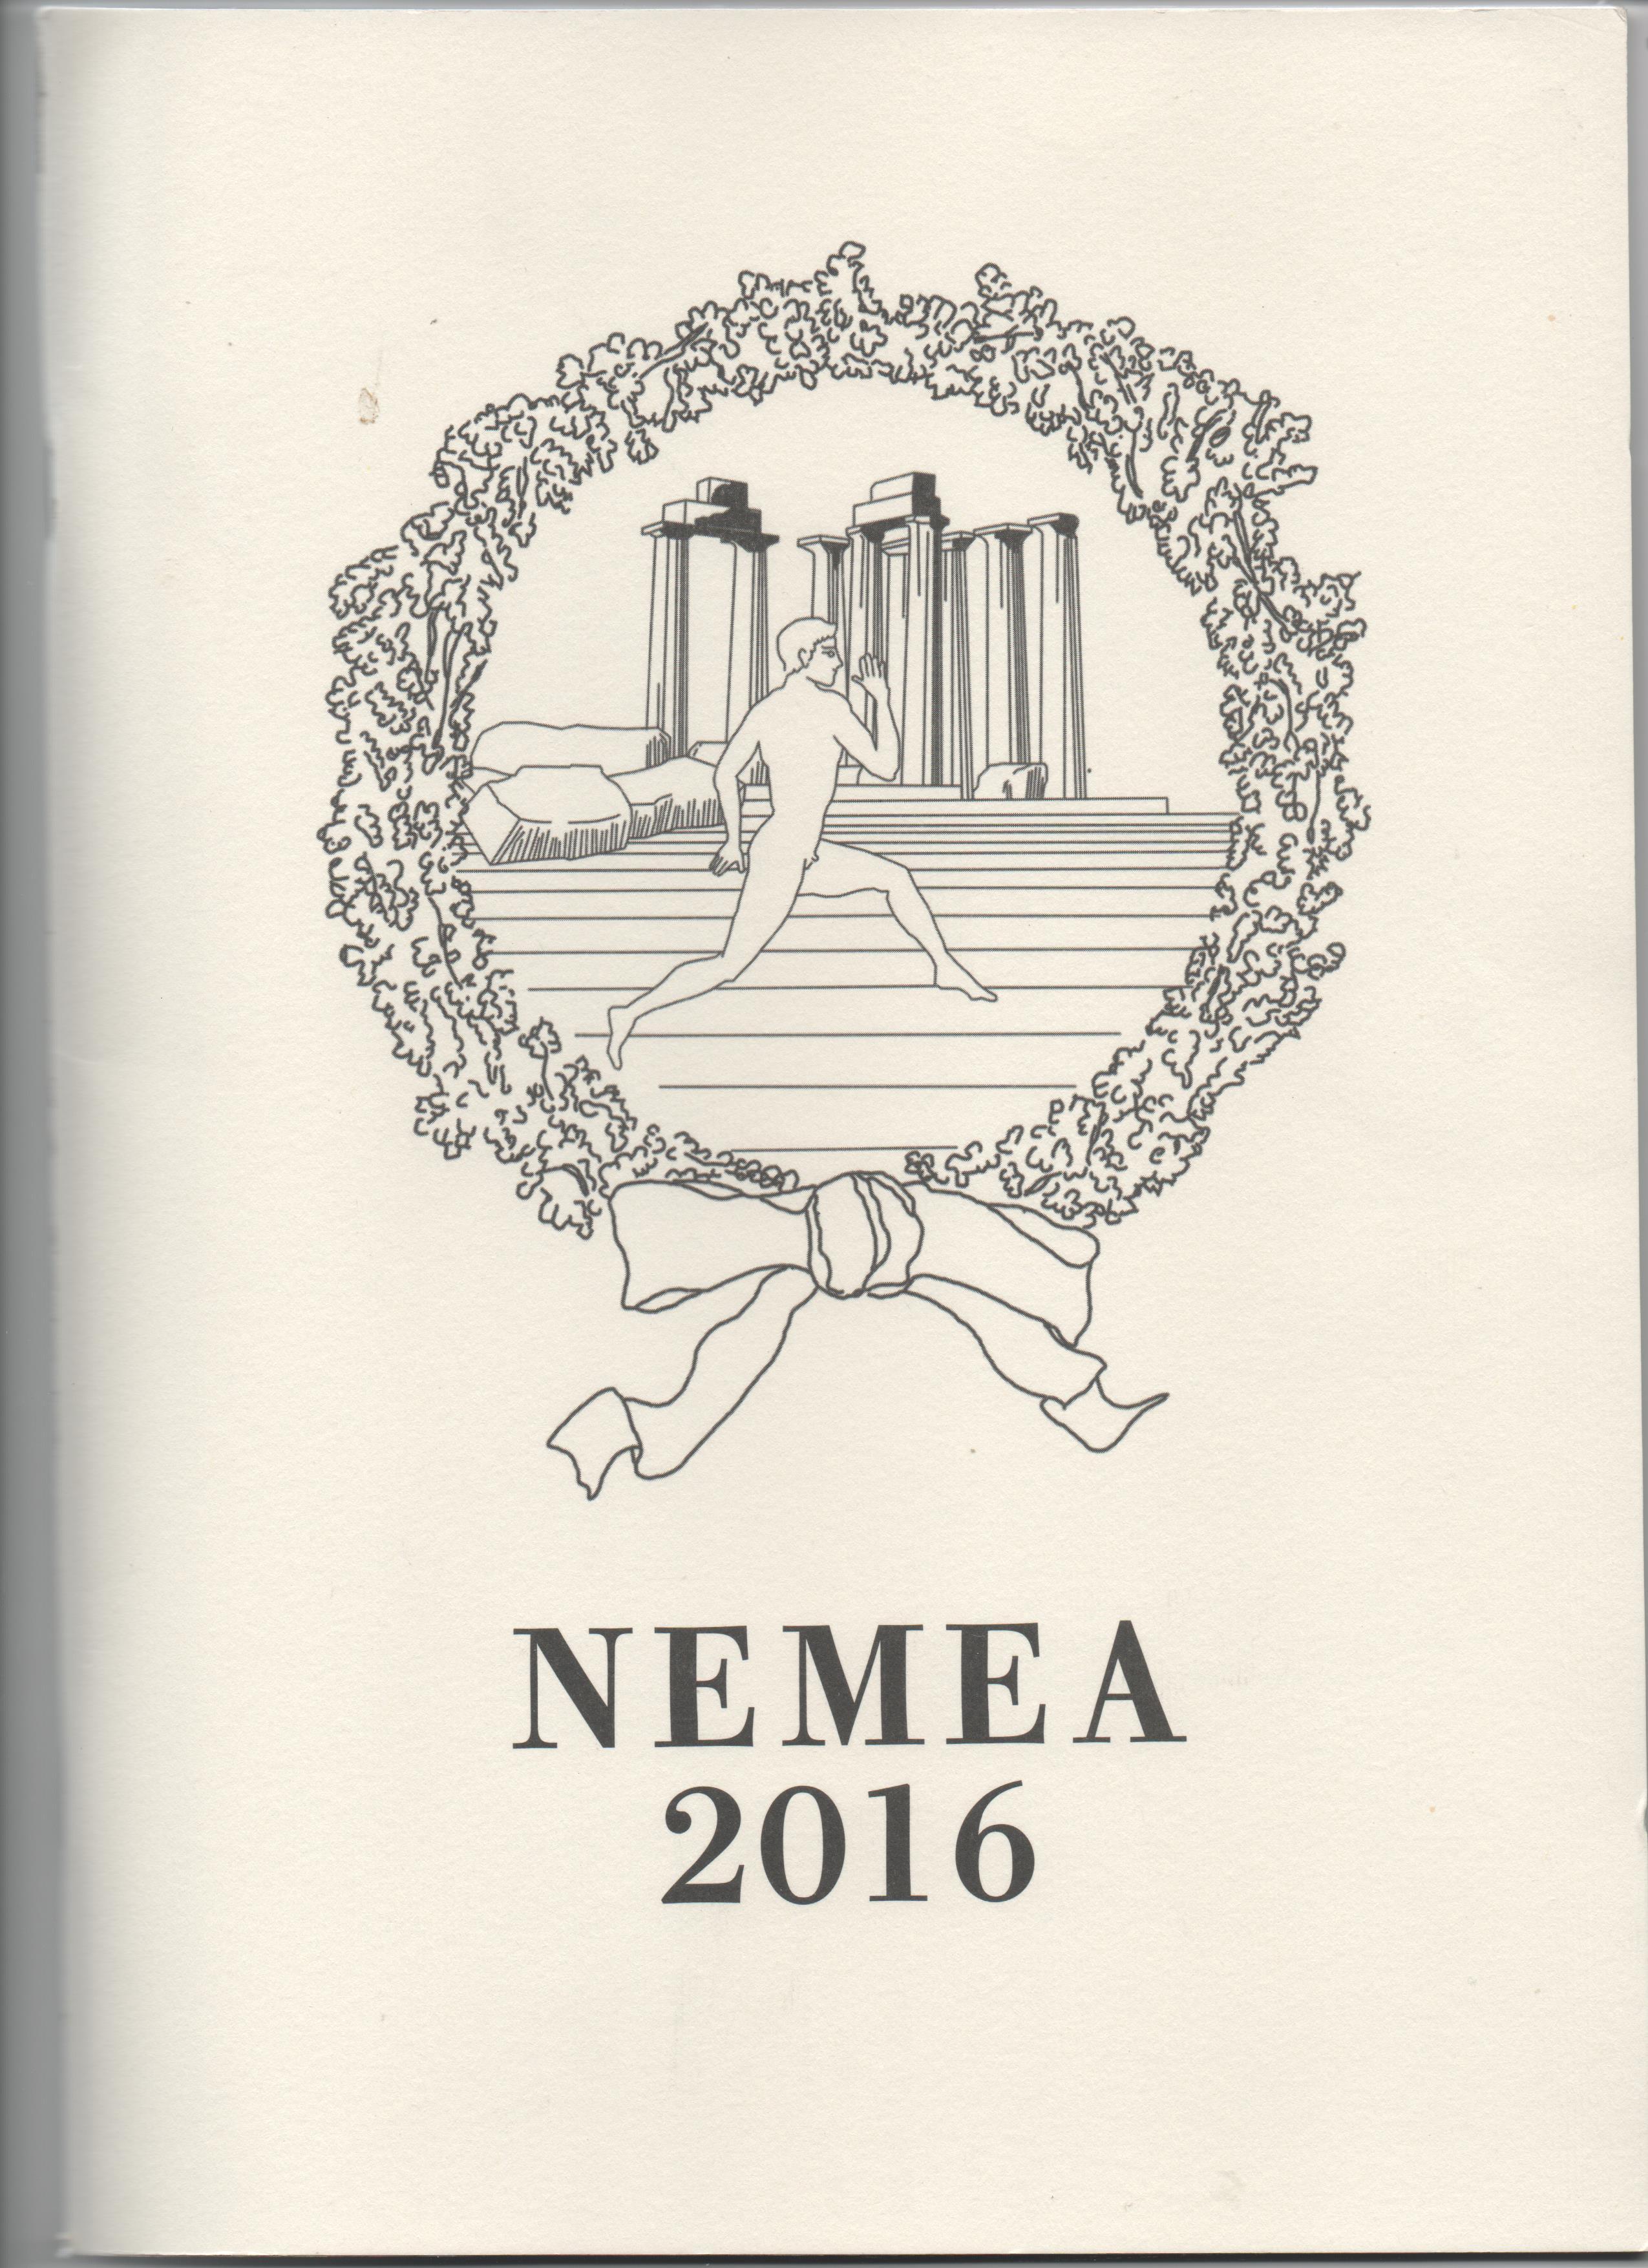 Nemea programme 001